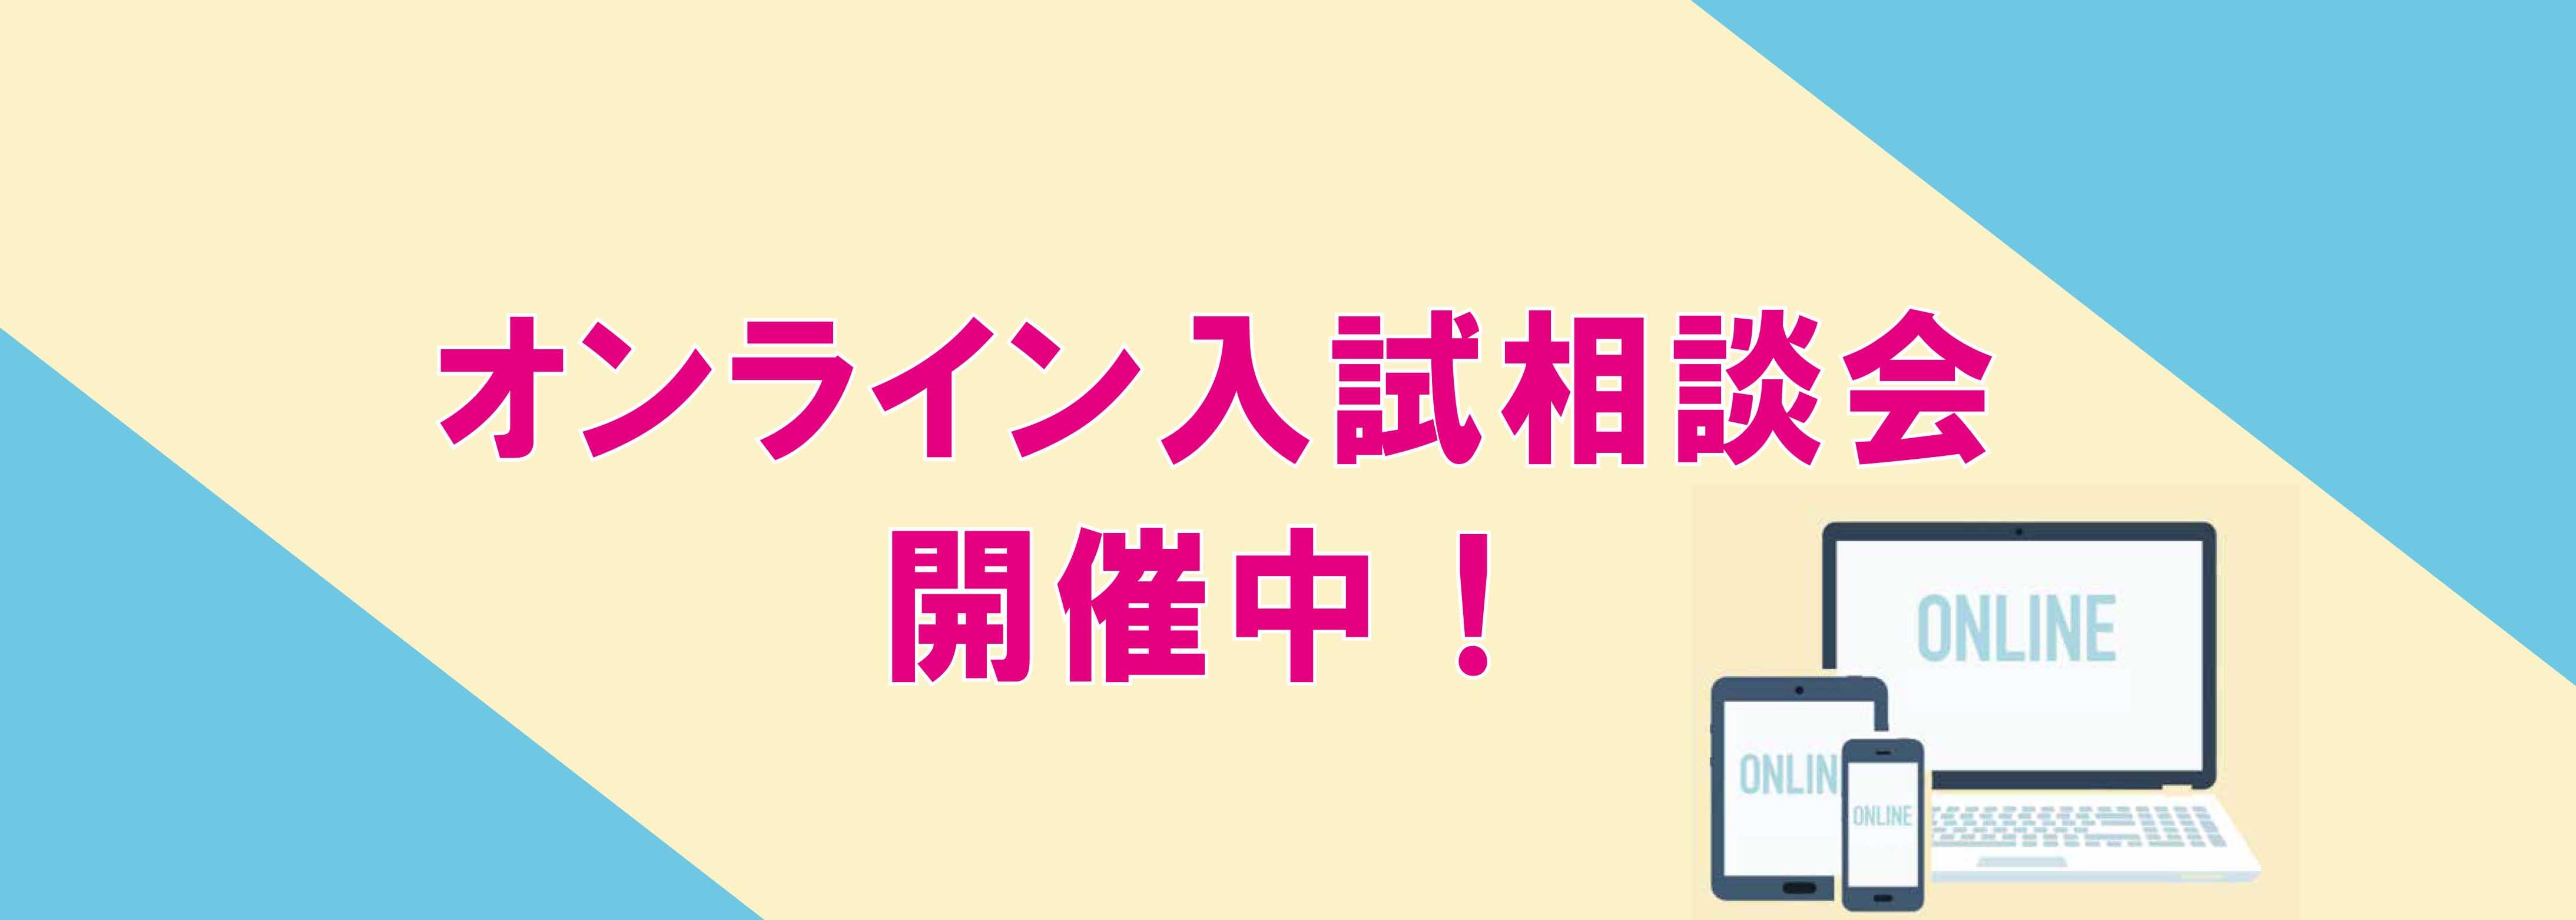 オンライン入試相談会開催中!